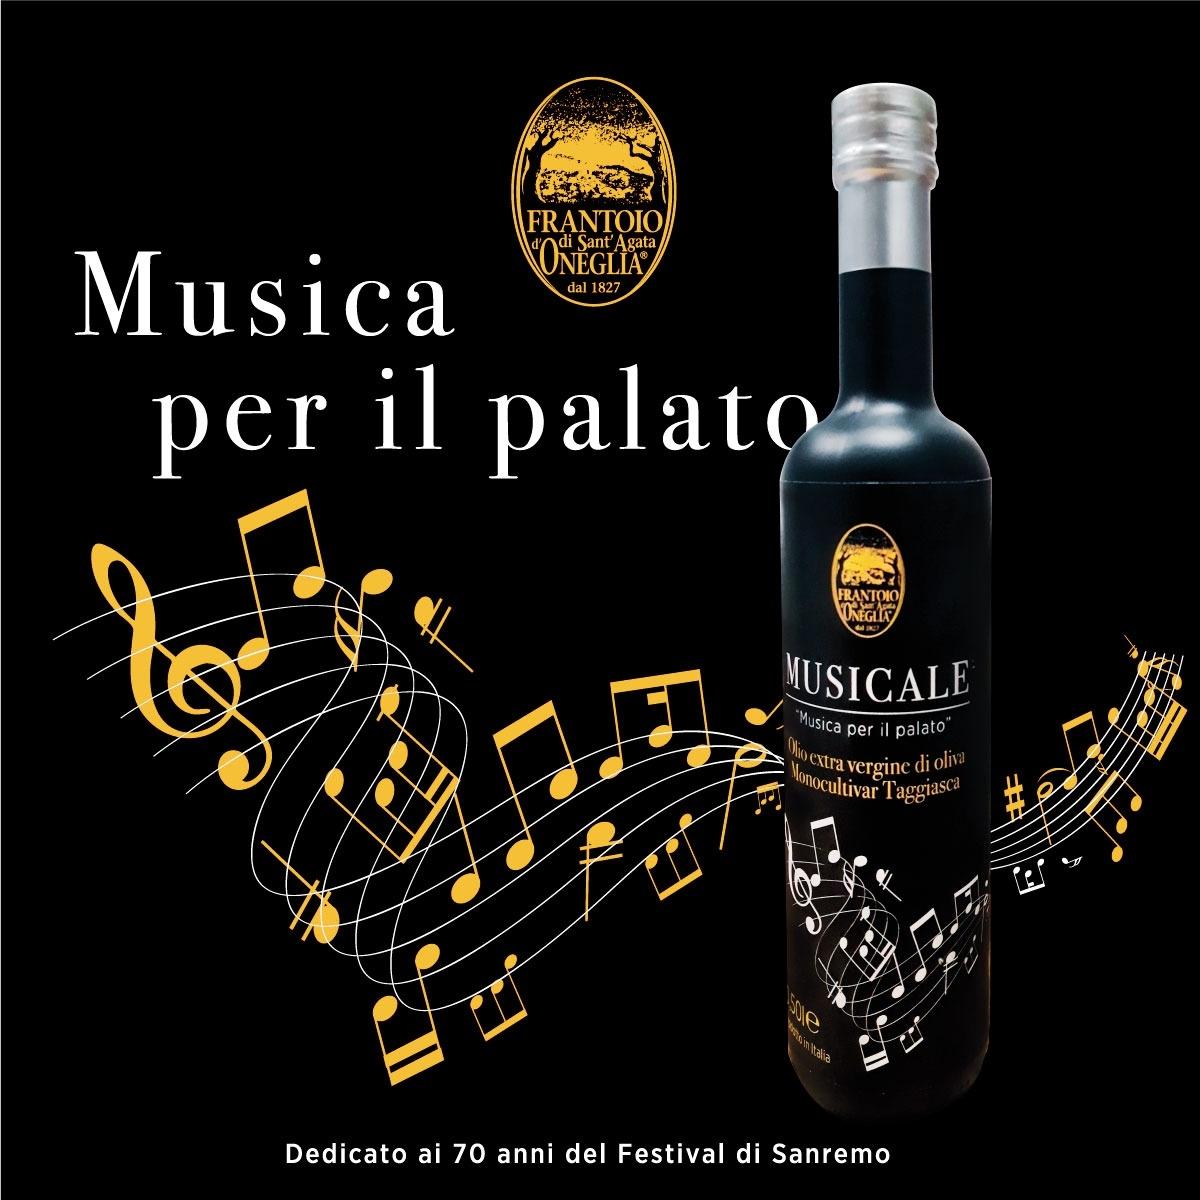 Bottiglia celebrativa del Frantoio di Sant'Agata d'Oneglia in occasione del Festival di Sanremo